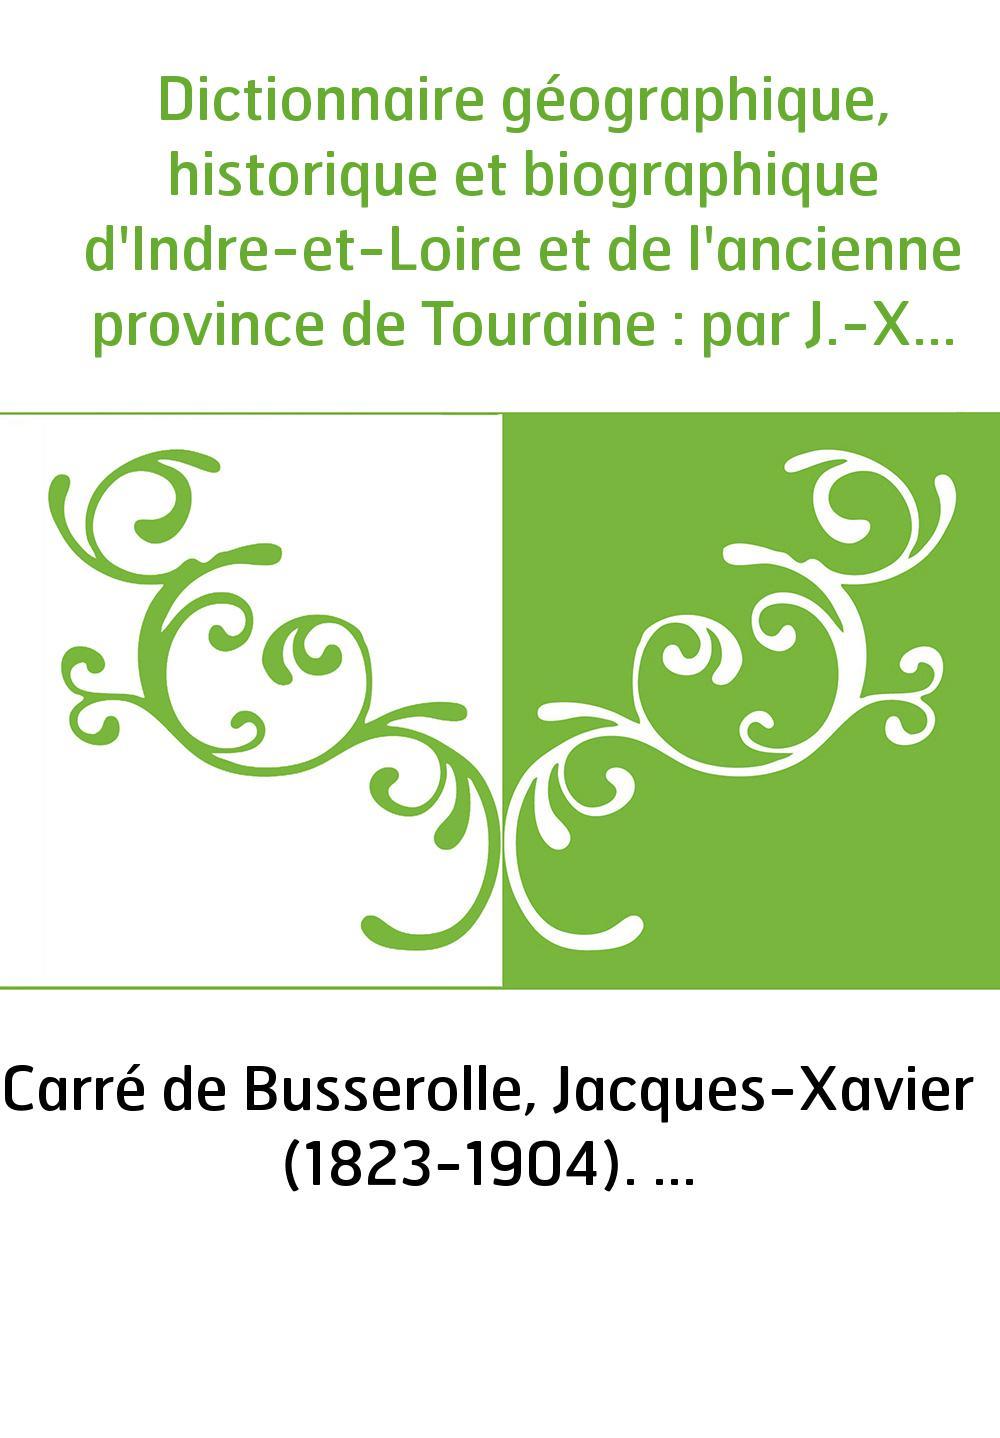 Dictionnaire géographique, historique et biographique d'Indre-et-Loire et de l'ancienne province de Touraine : par J.-X. Carré d